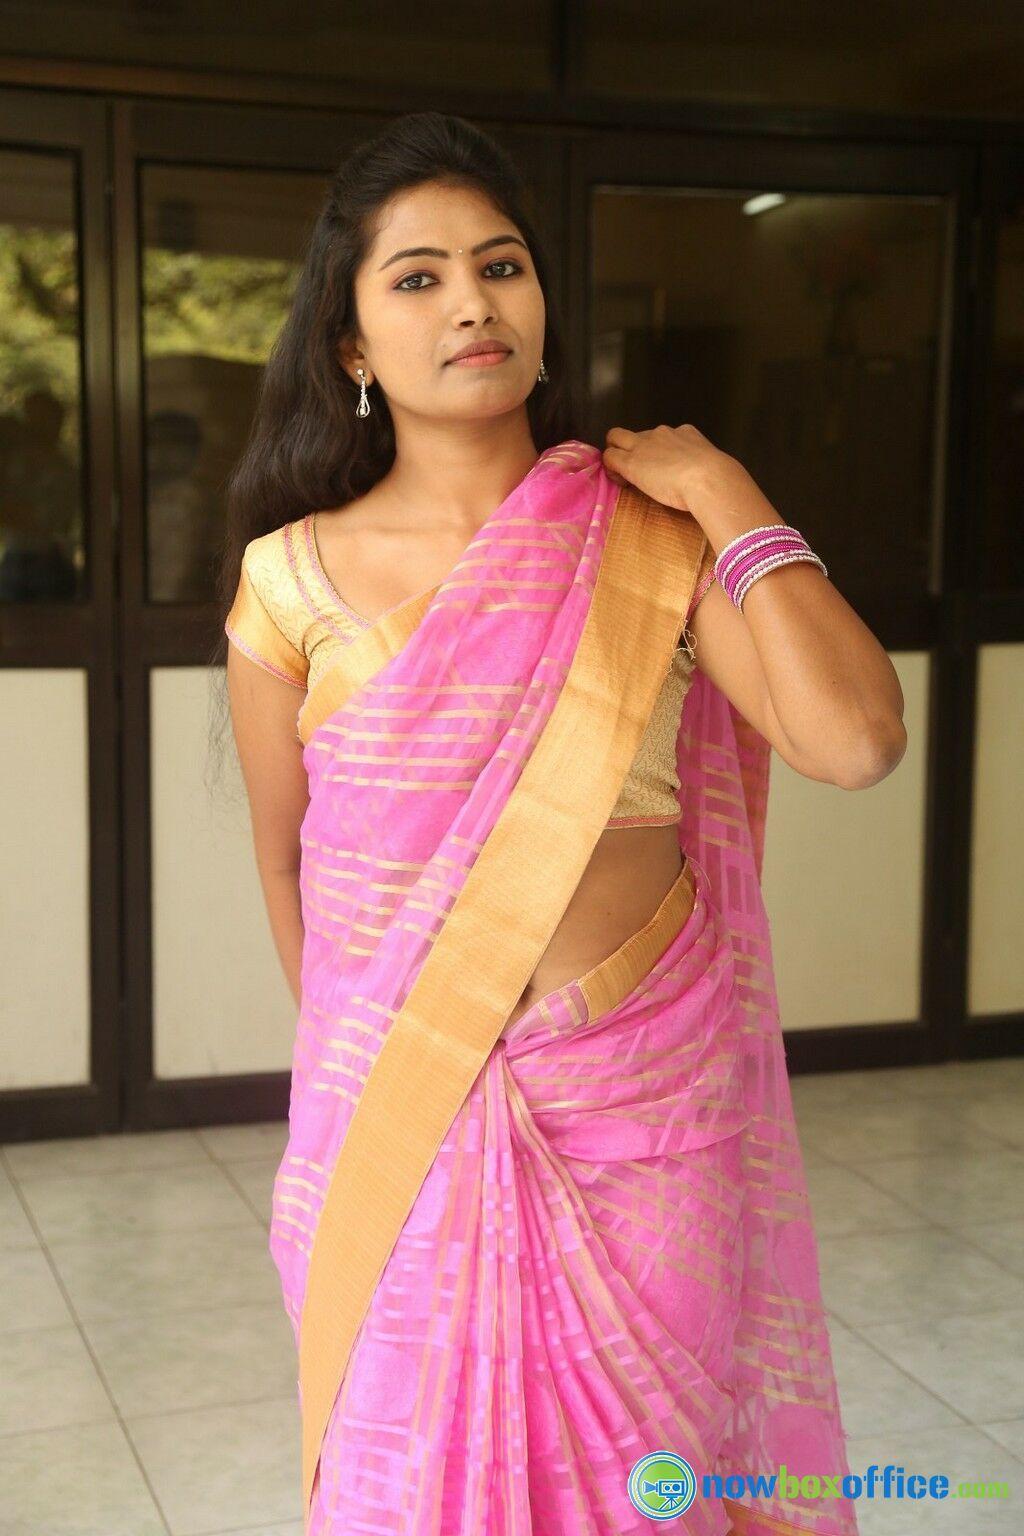 Shilpa Photos Shilpa New Photos (14) – nowboxoffice.com | Actress in ...